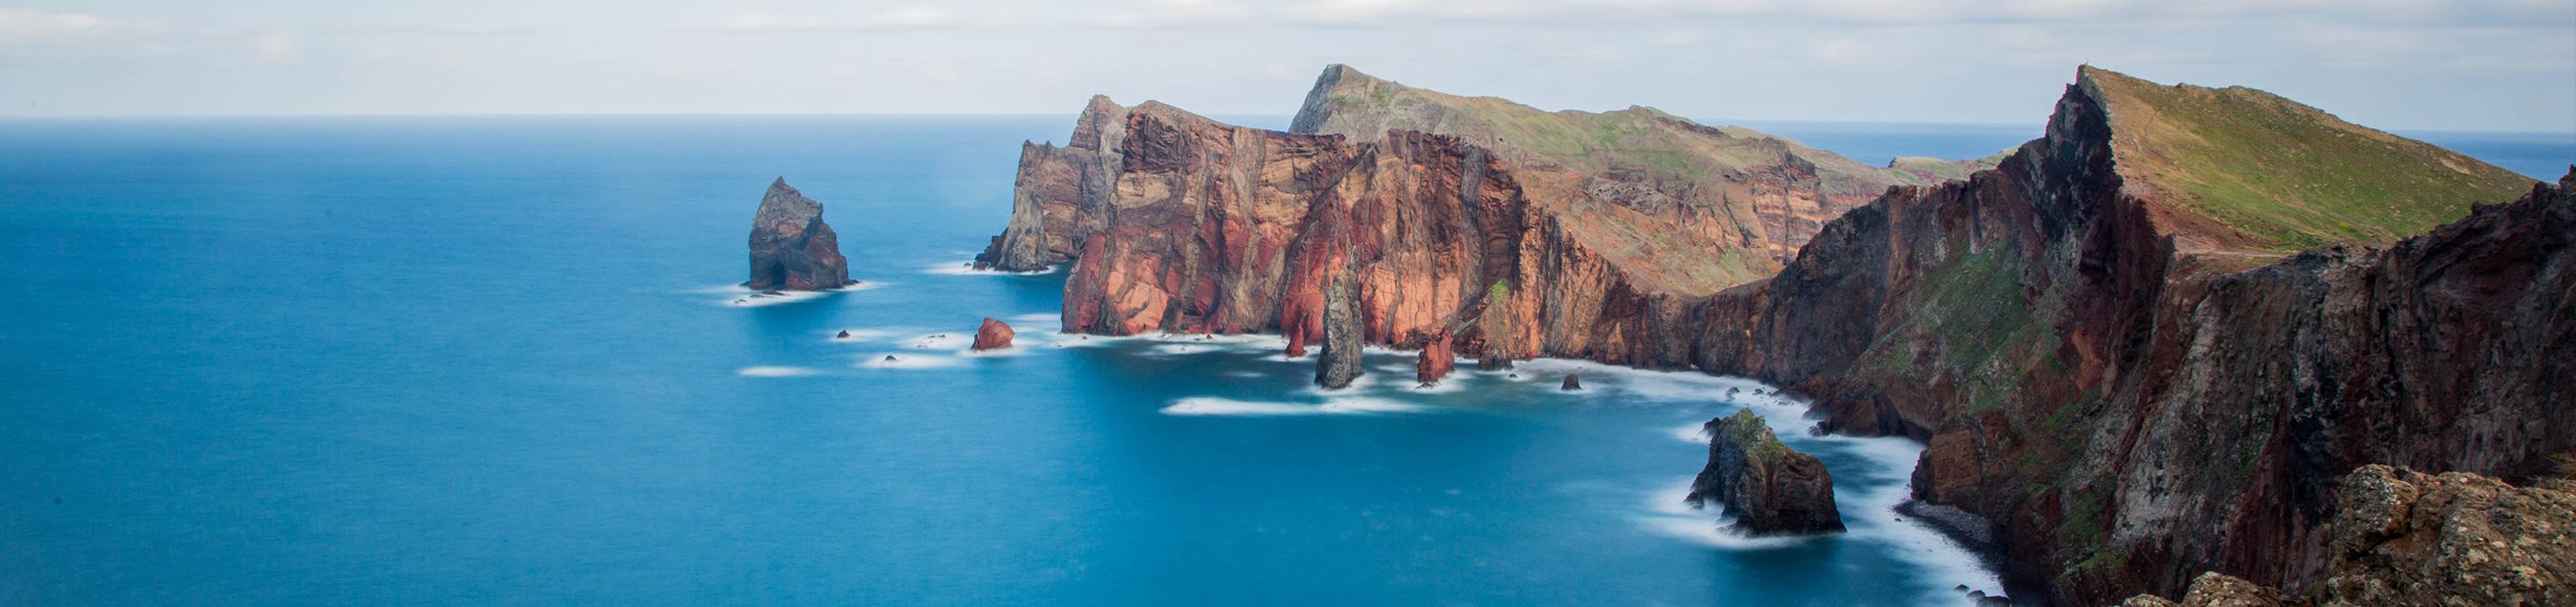 Круиз на парусной яхте на Канарских островах В ДЕКАБРЕ 2020